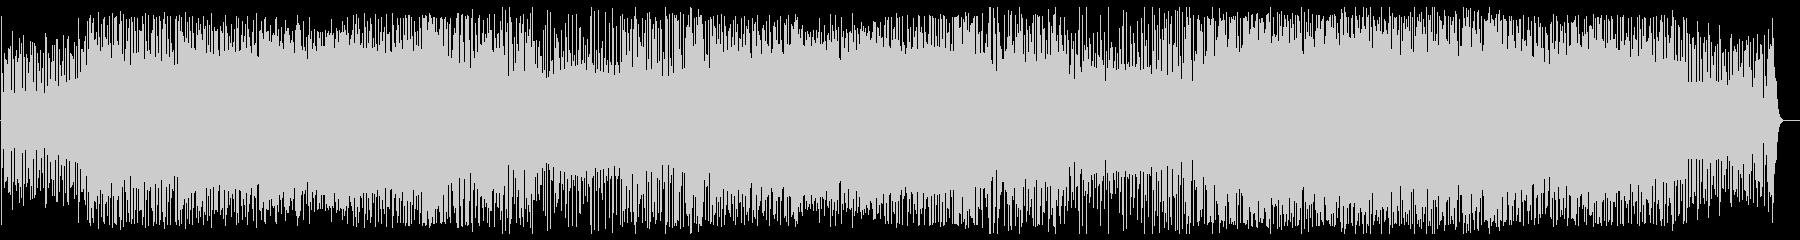 軽快でリズミカルなピアノテクノポップの未再生の波形